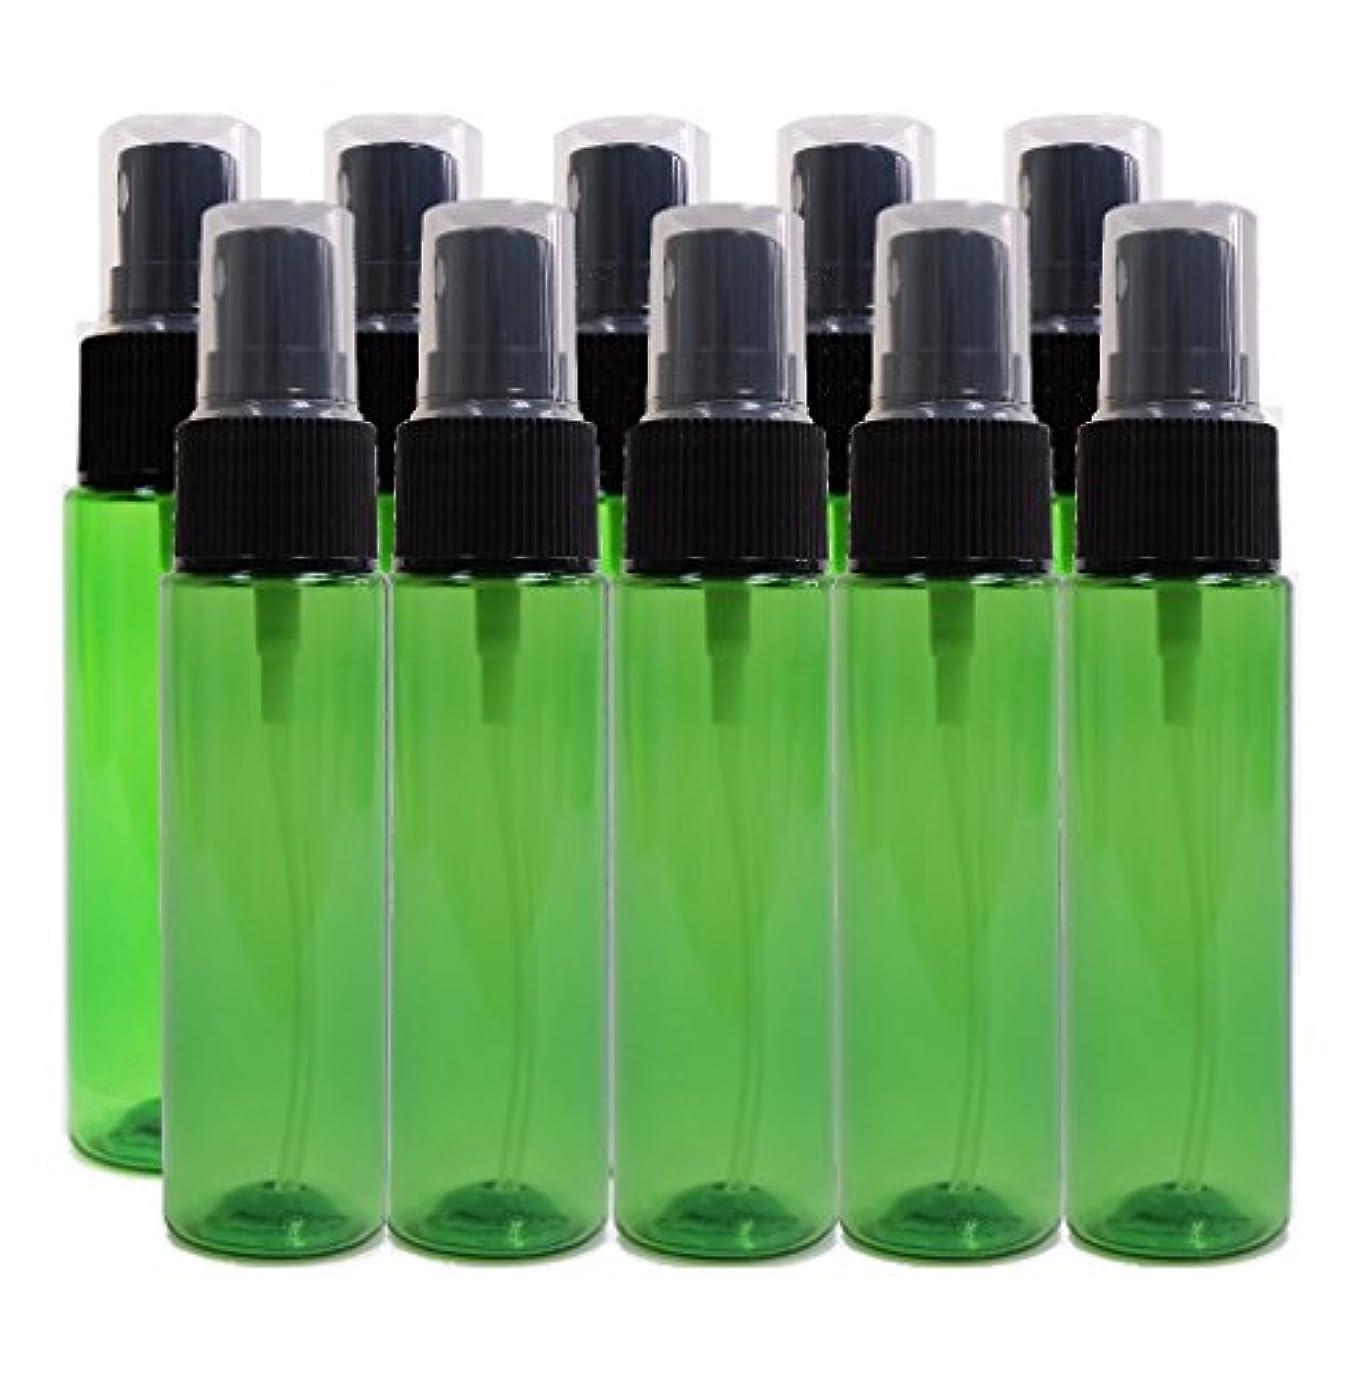 最愛のええ感情ease 保存容器 スプレータイプ プラスチック 緑色 30ml×10本